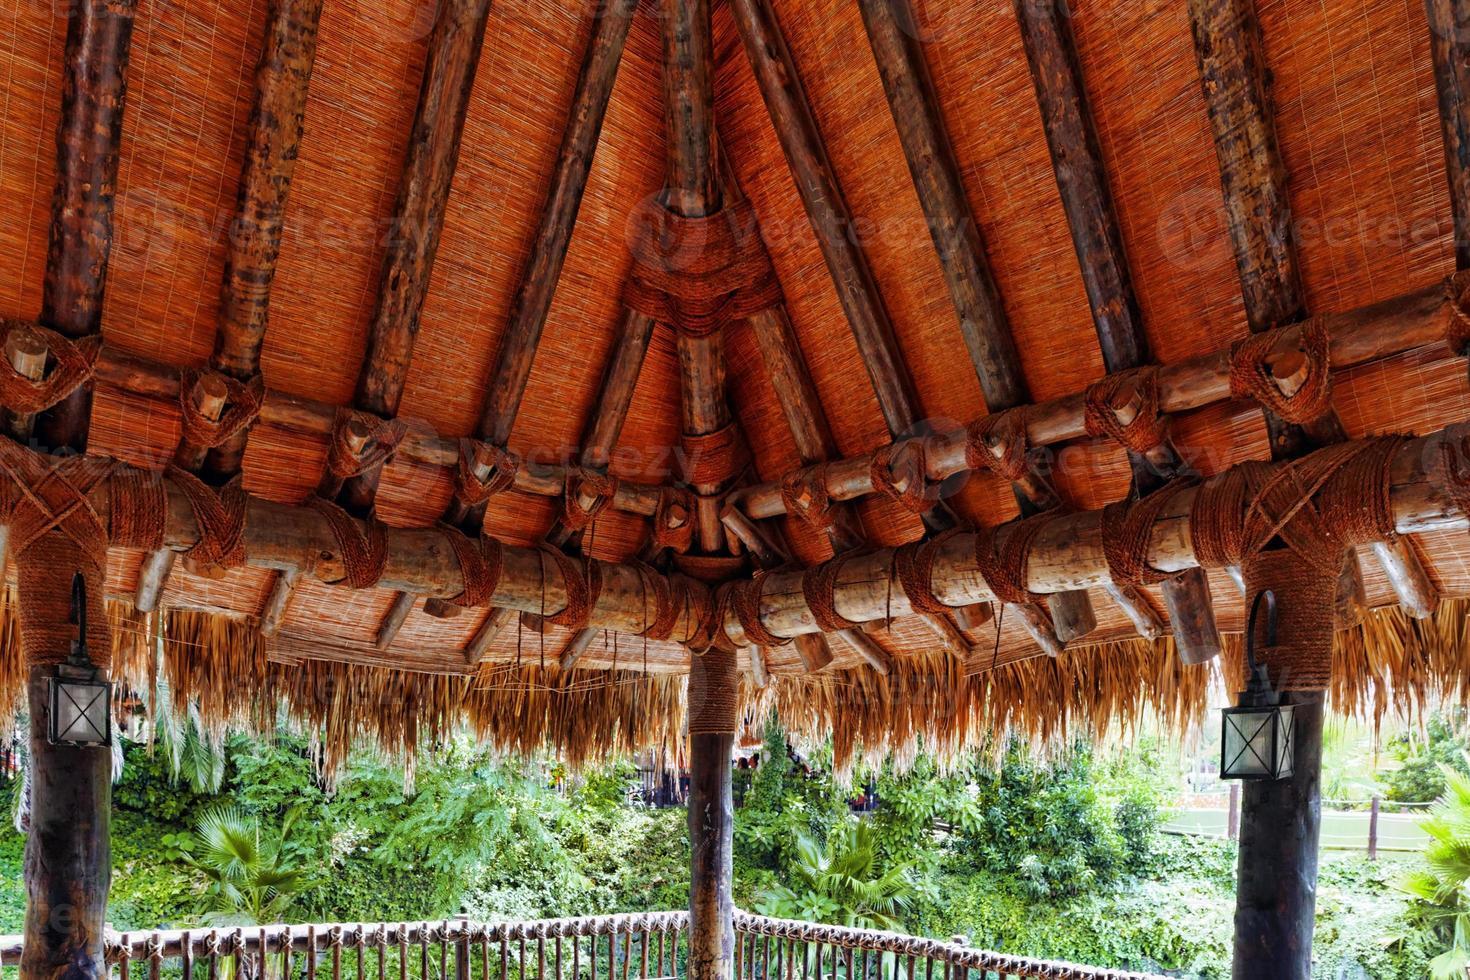 bellissimo paesaggio della giungla tropicale. foto